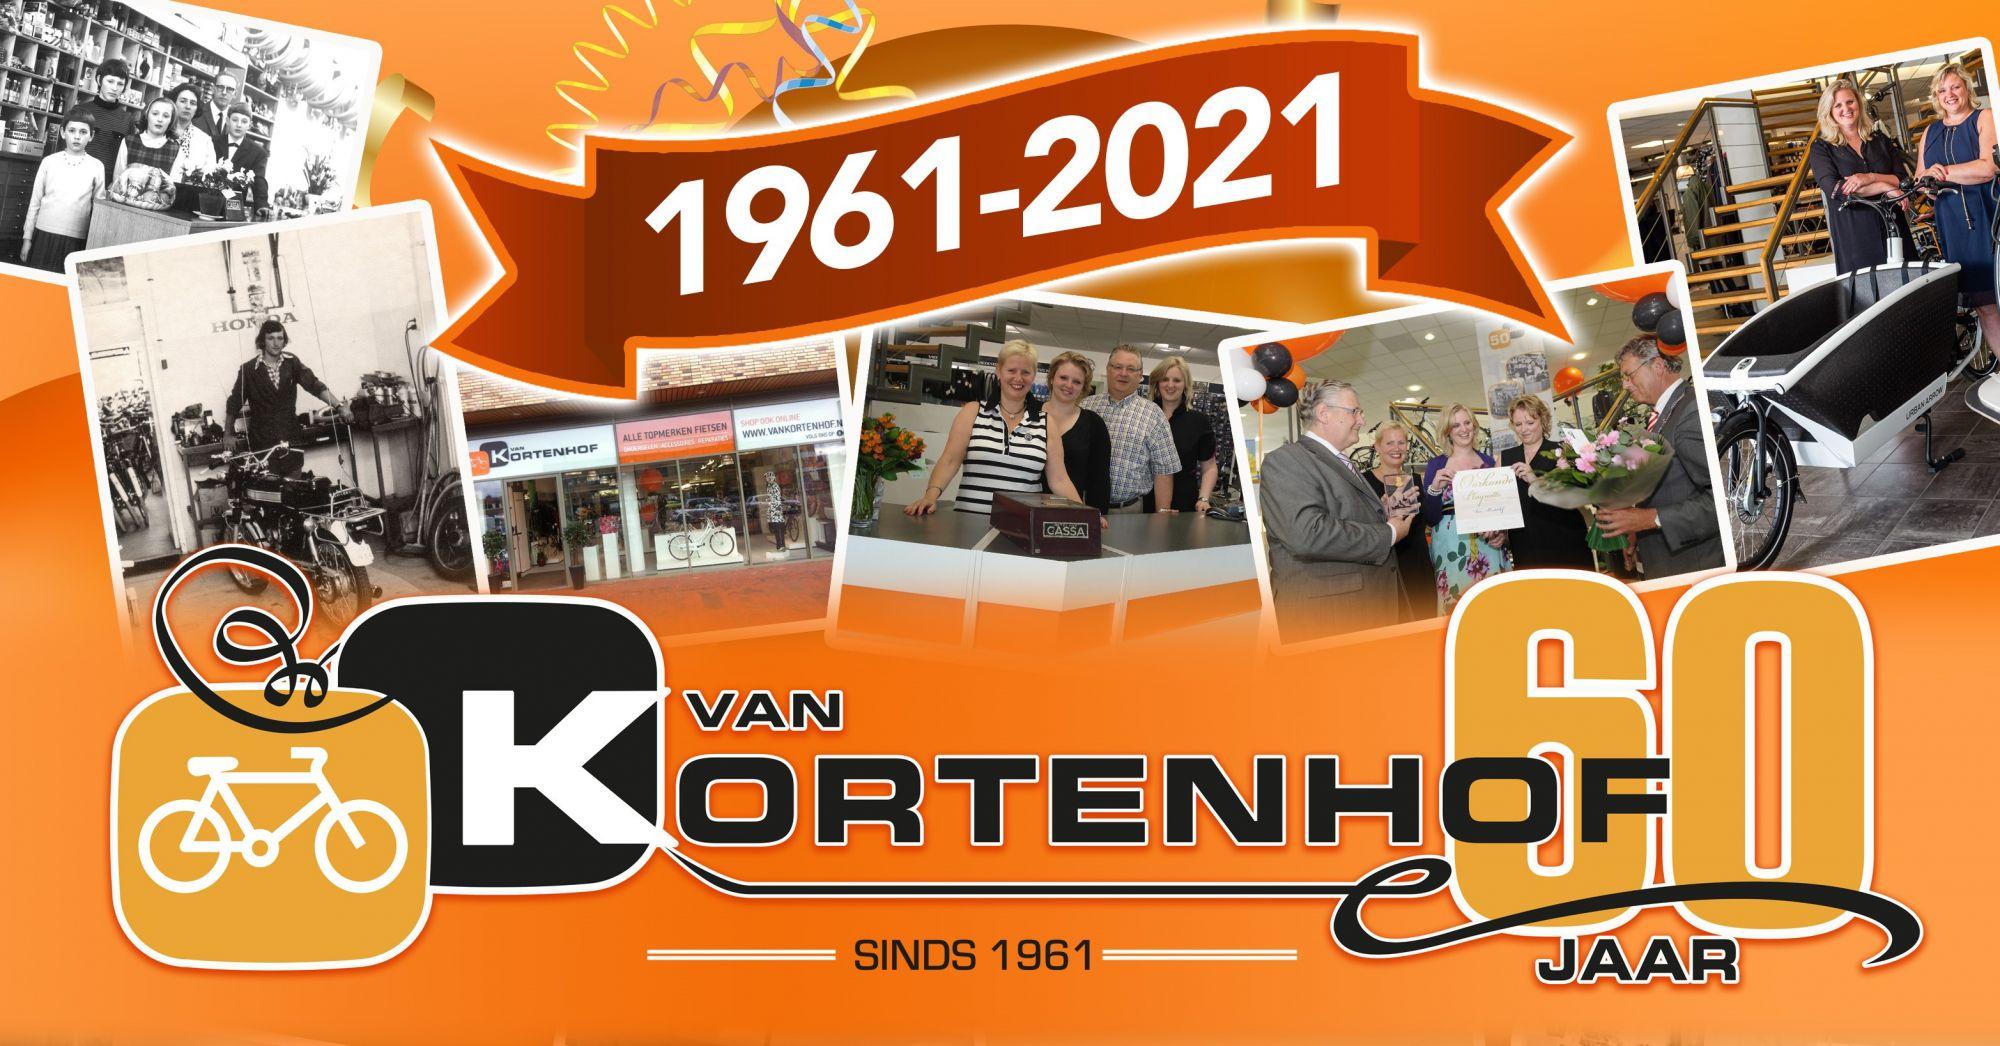 Van Kortenhof bestaat zestig jaar!